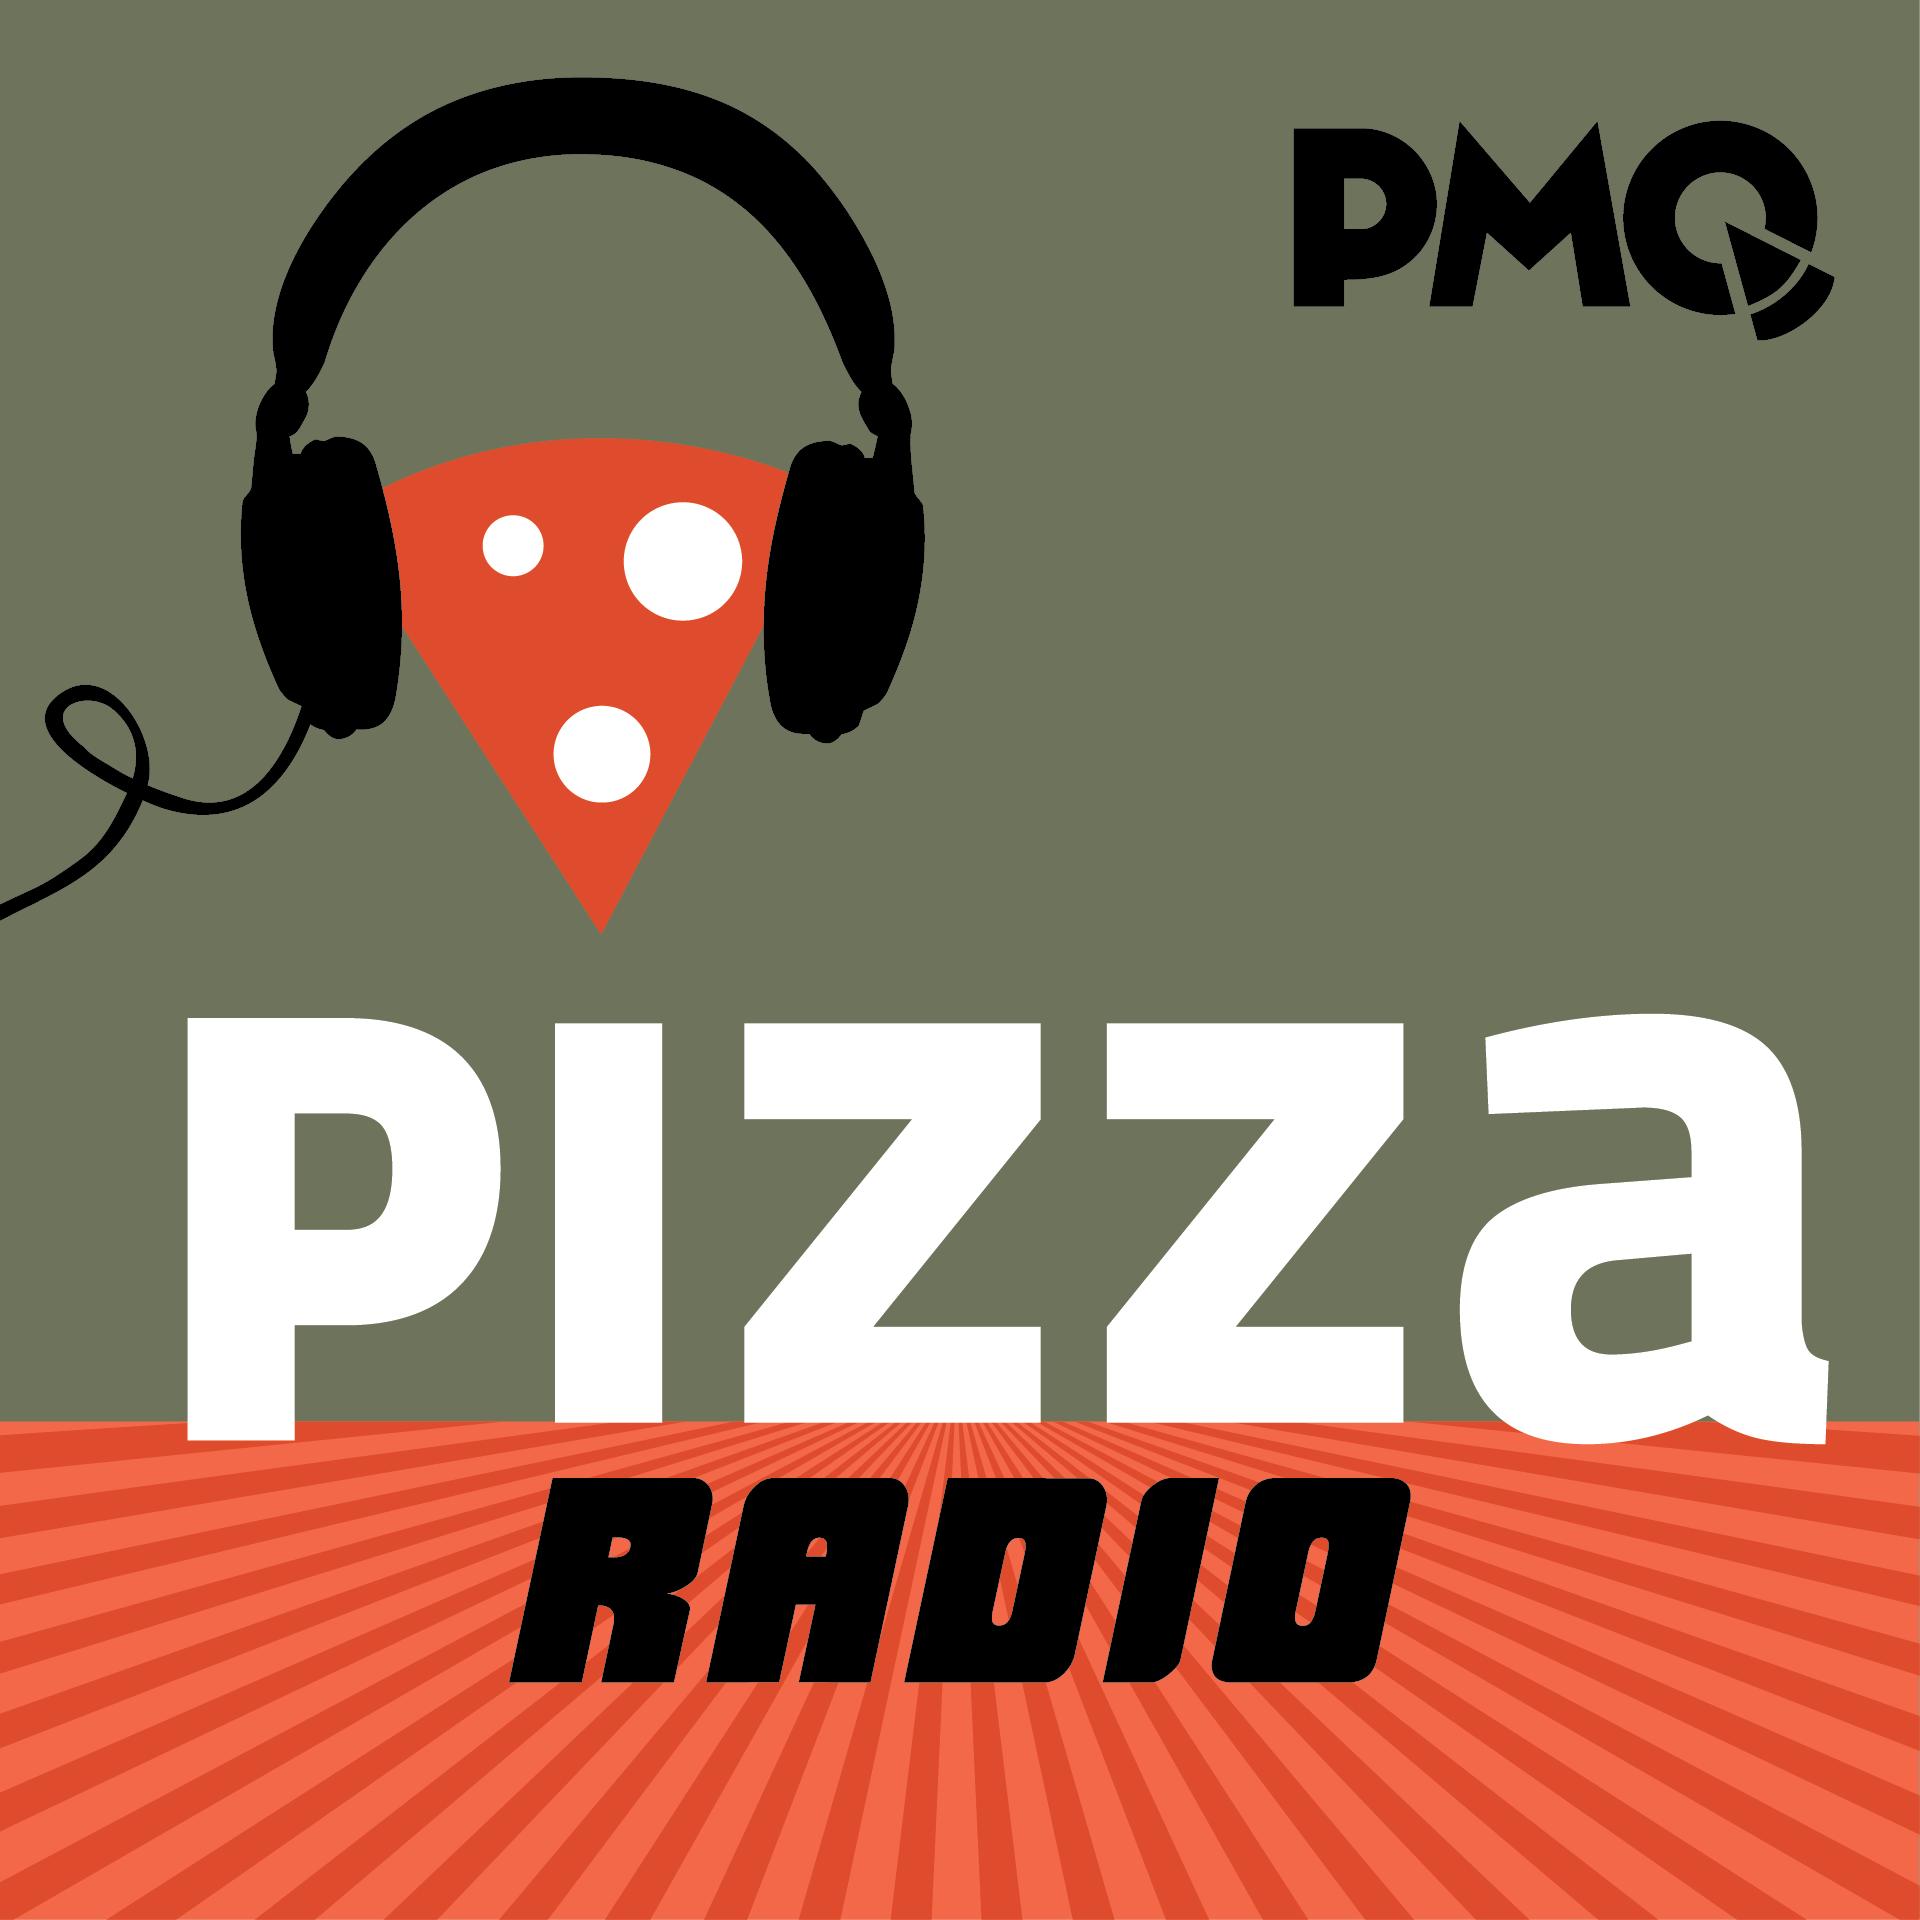 Pizza Radio